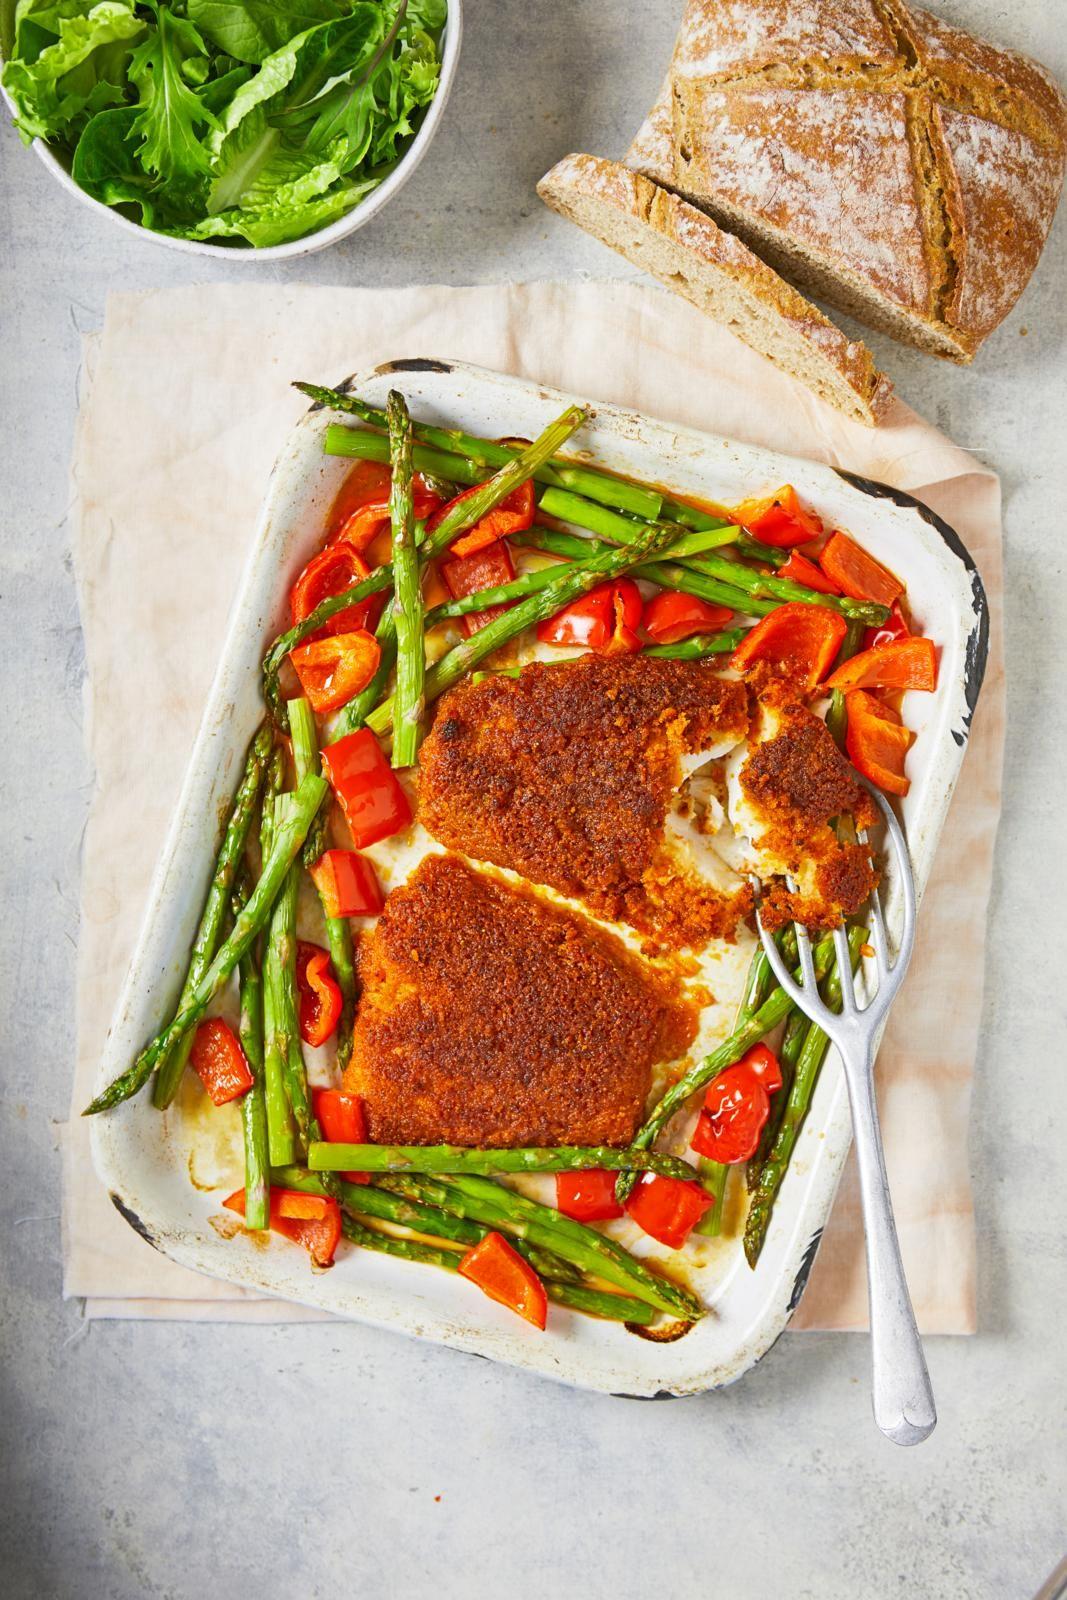 Eglefin prăjit cu crustă de chorizo, sparanghel și ardei